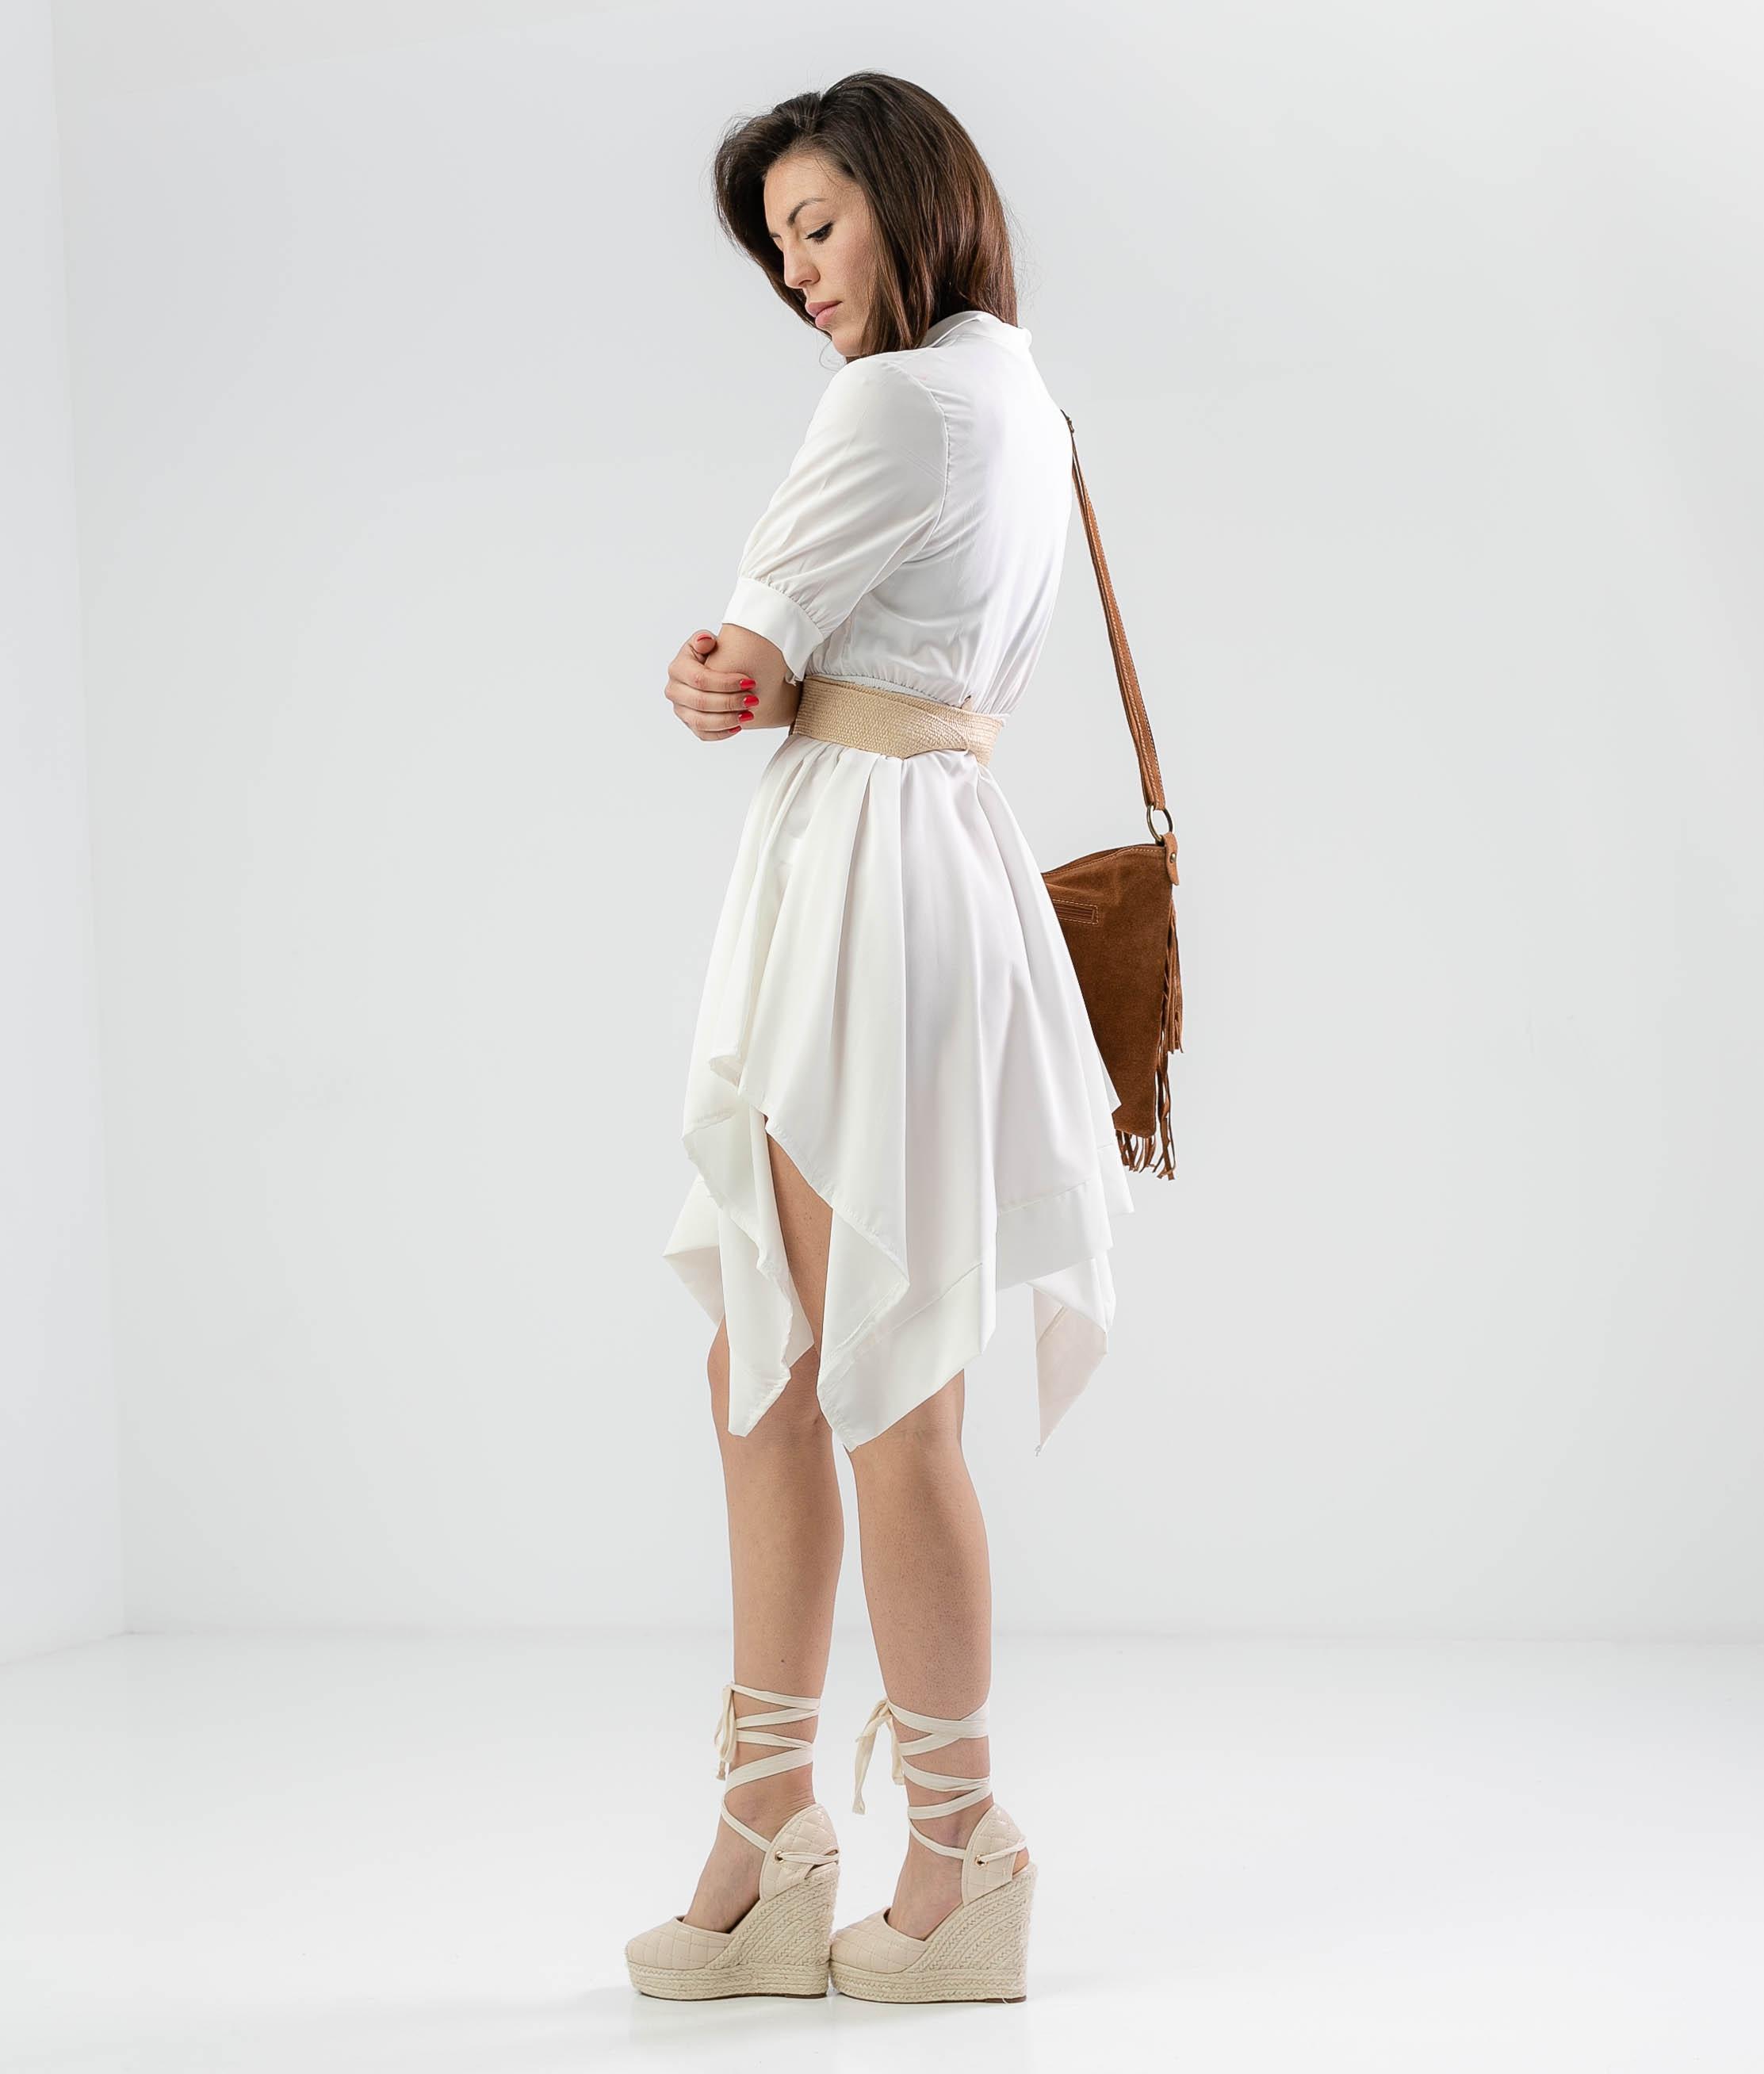 DRESS CHENKO - WHITE